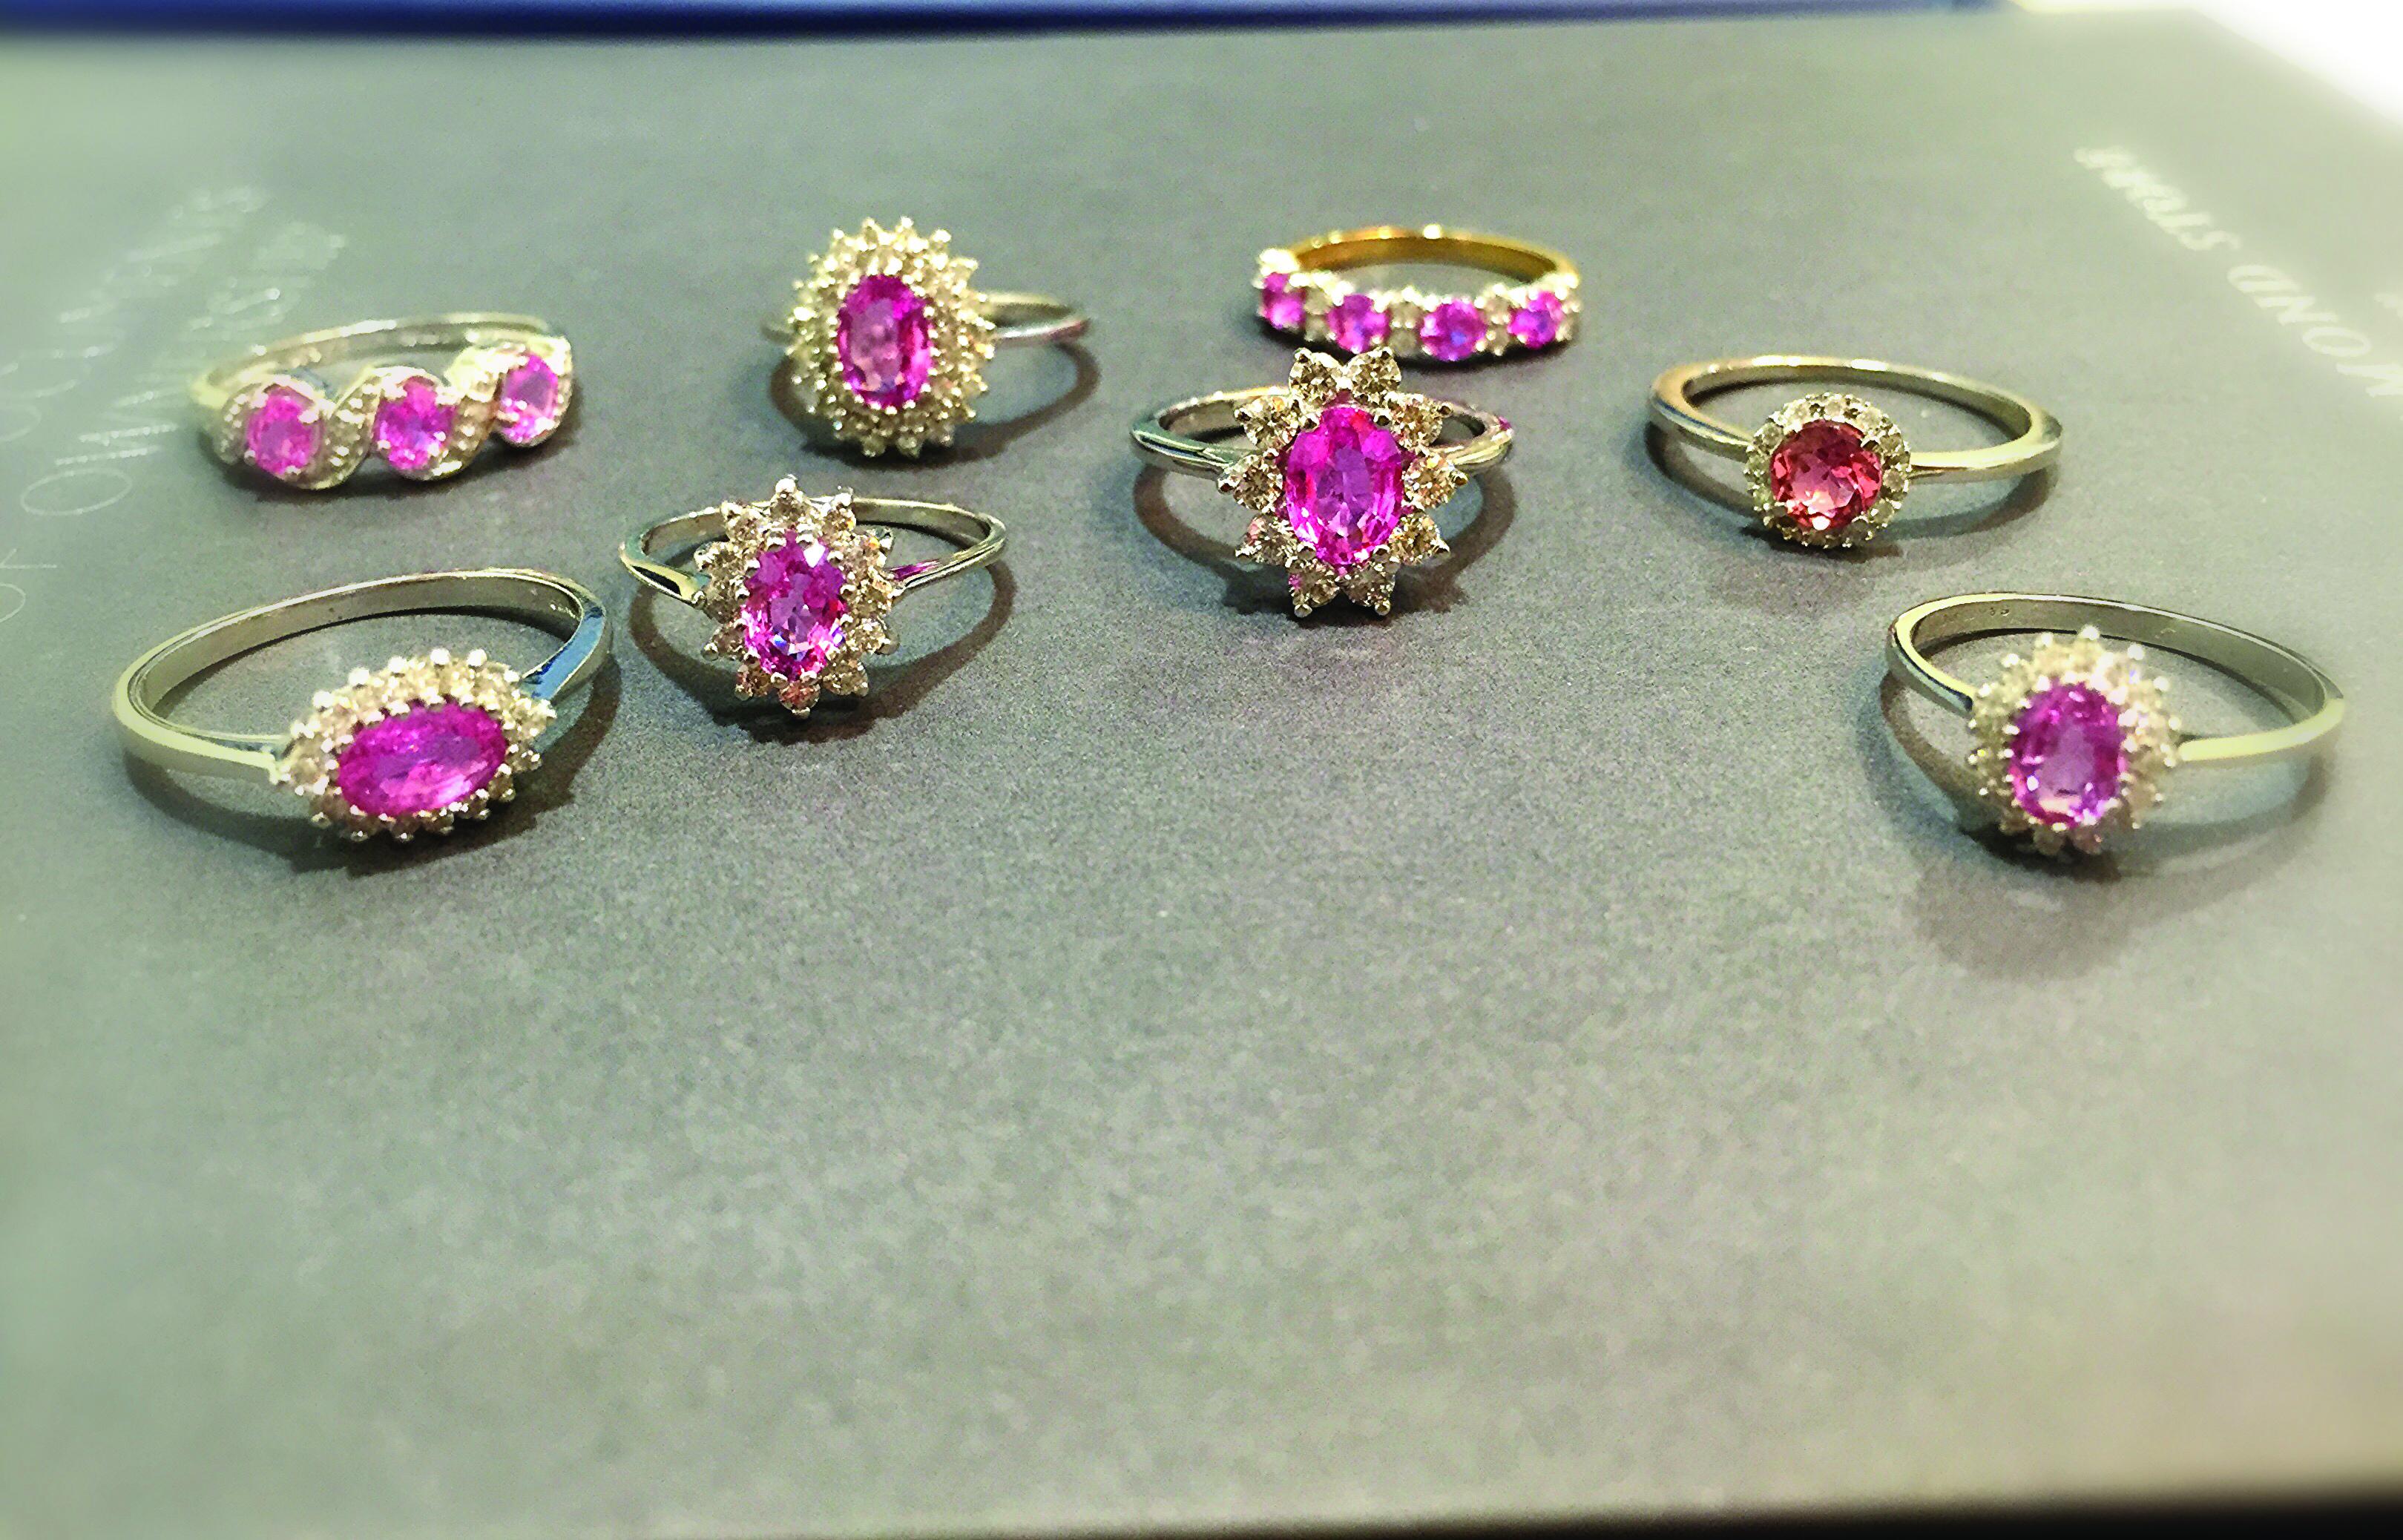 Ponk Sapphire rings